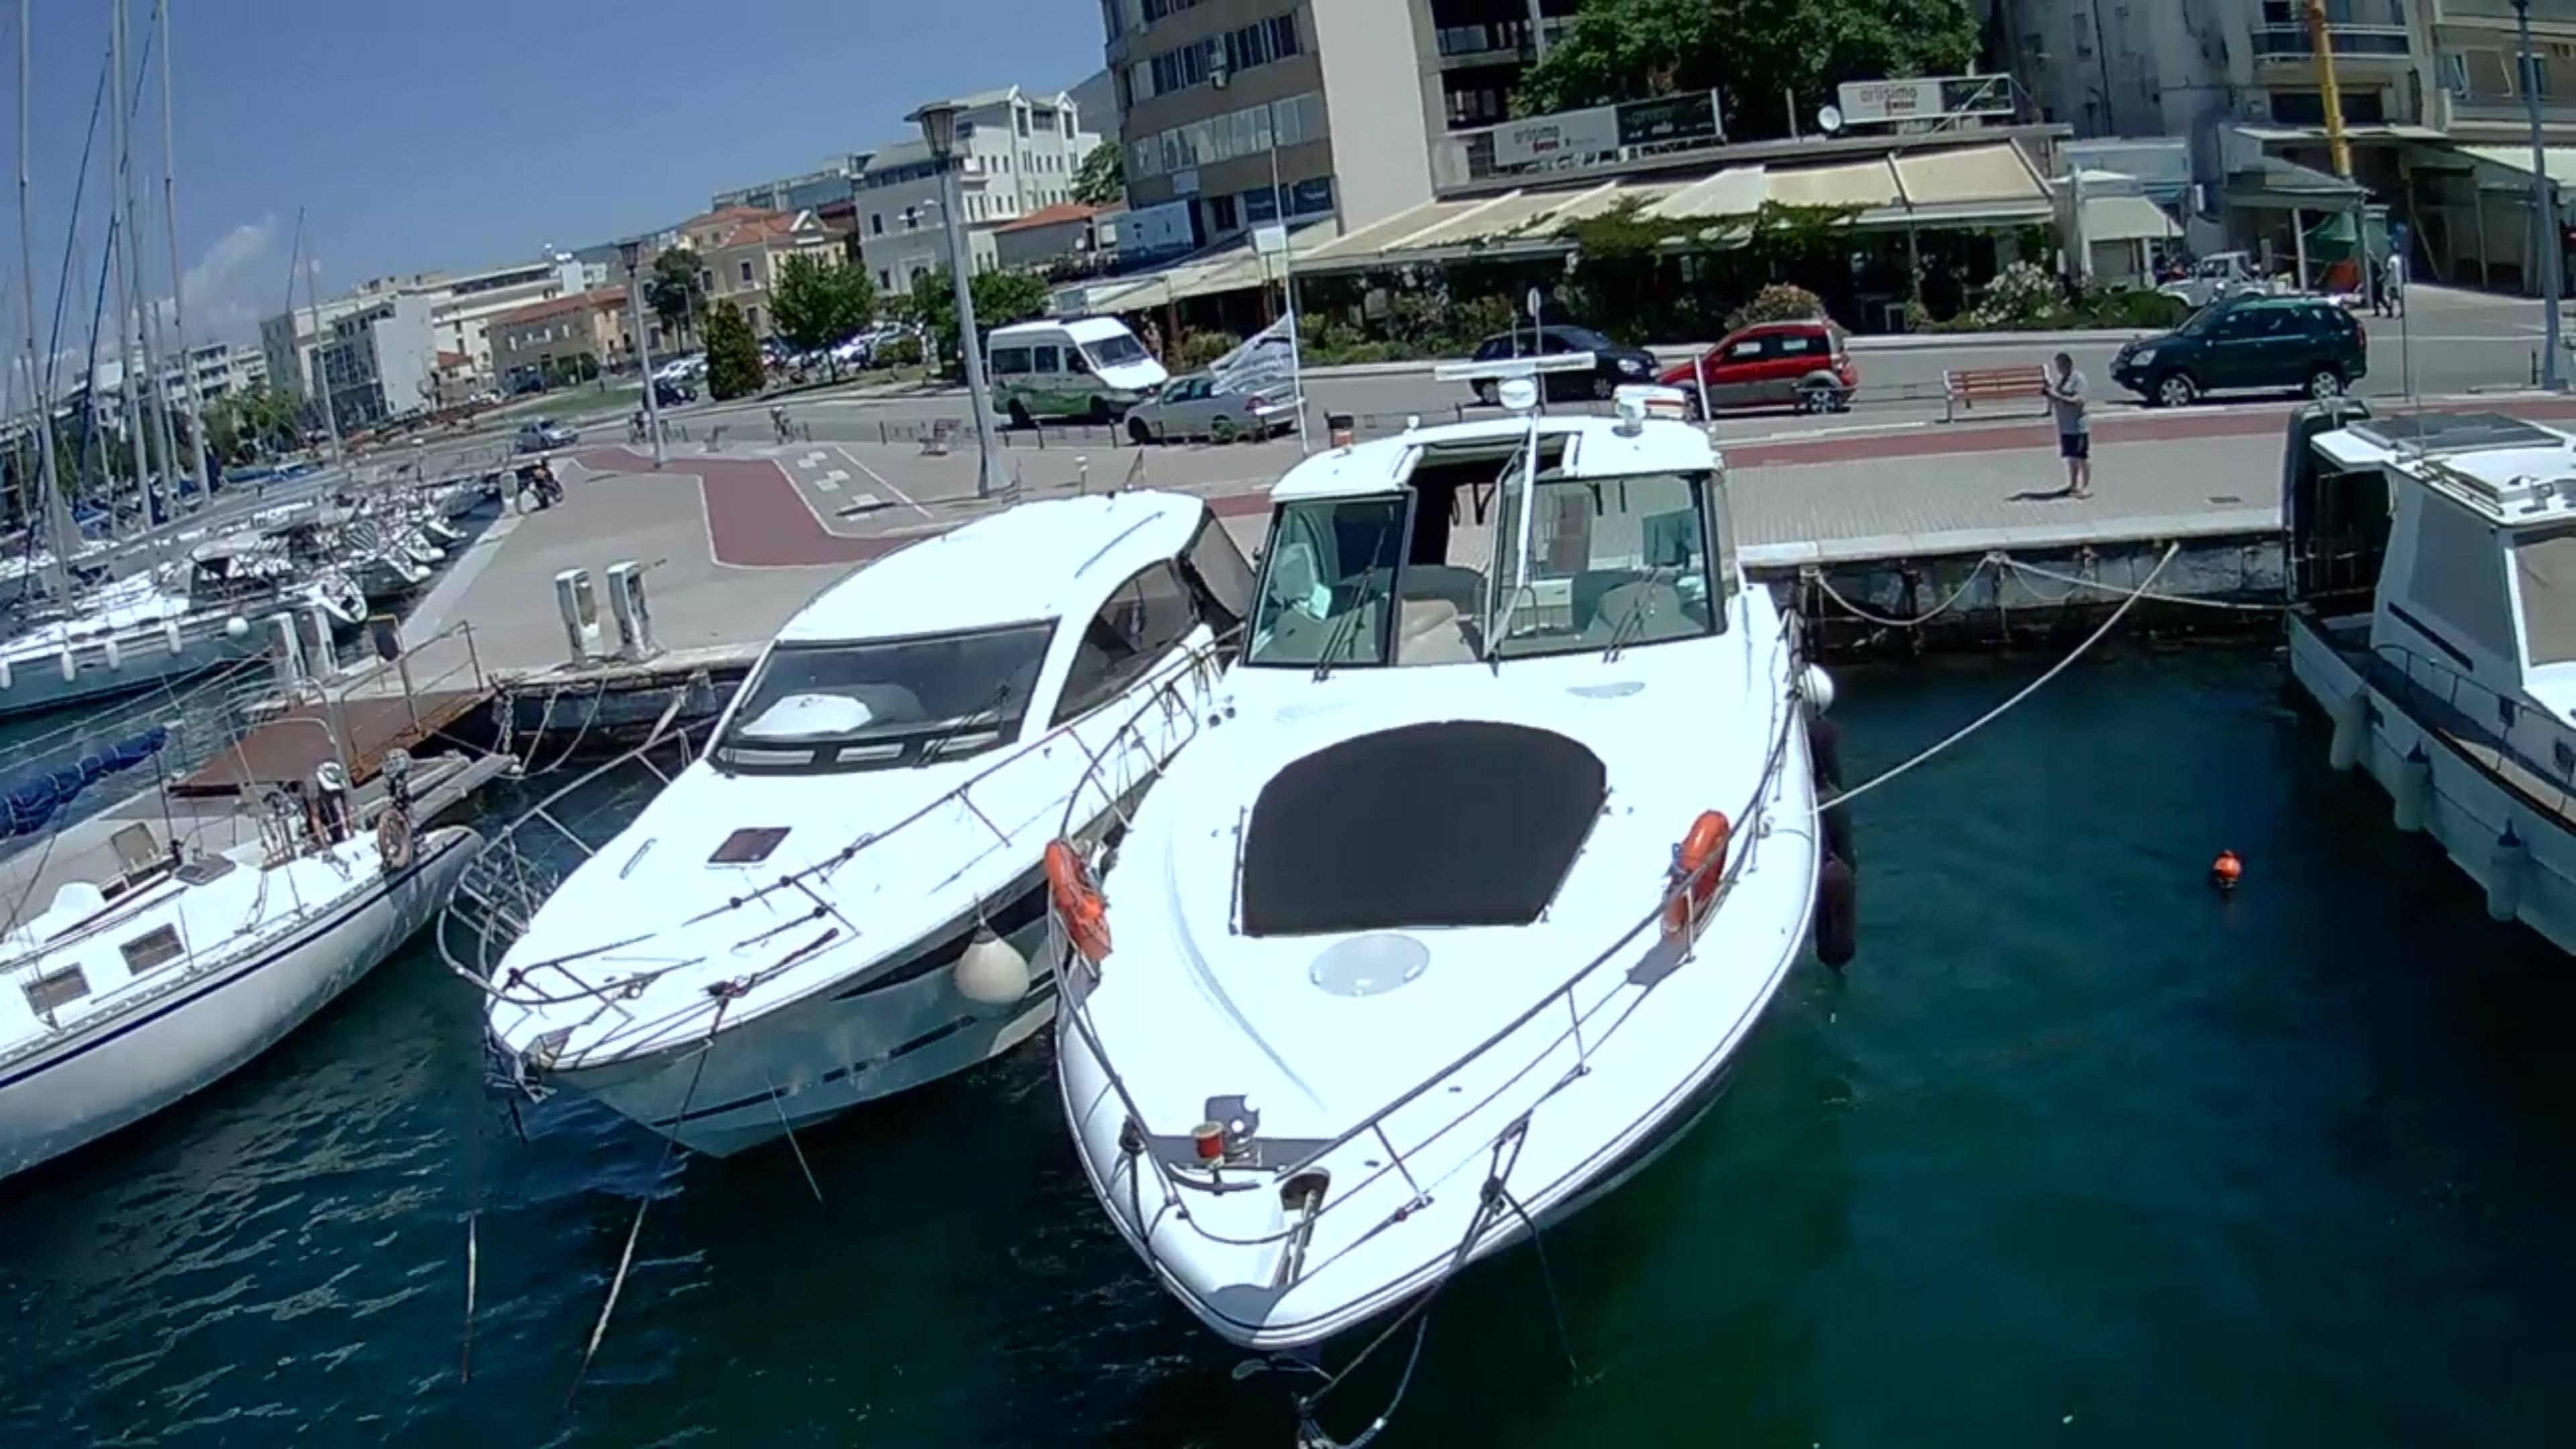 COVID-19 pleasure boats